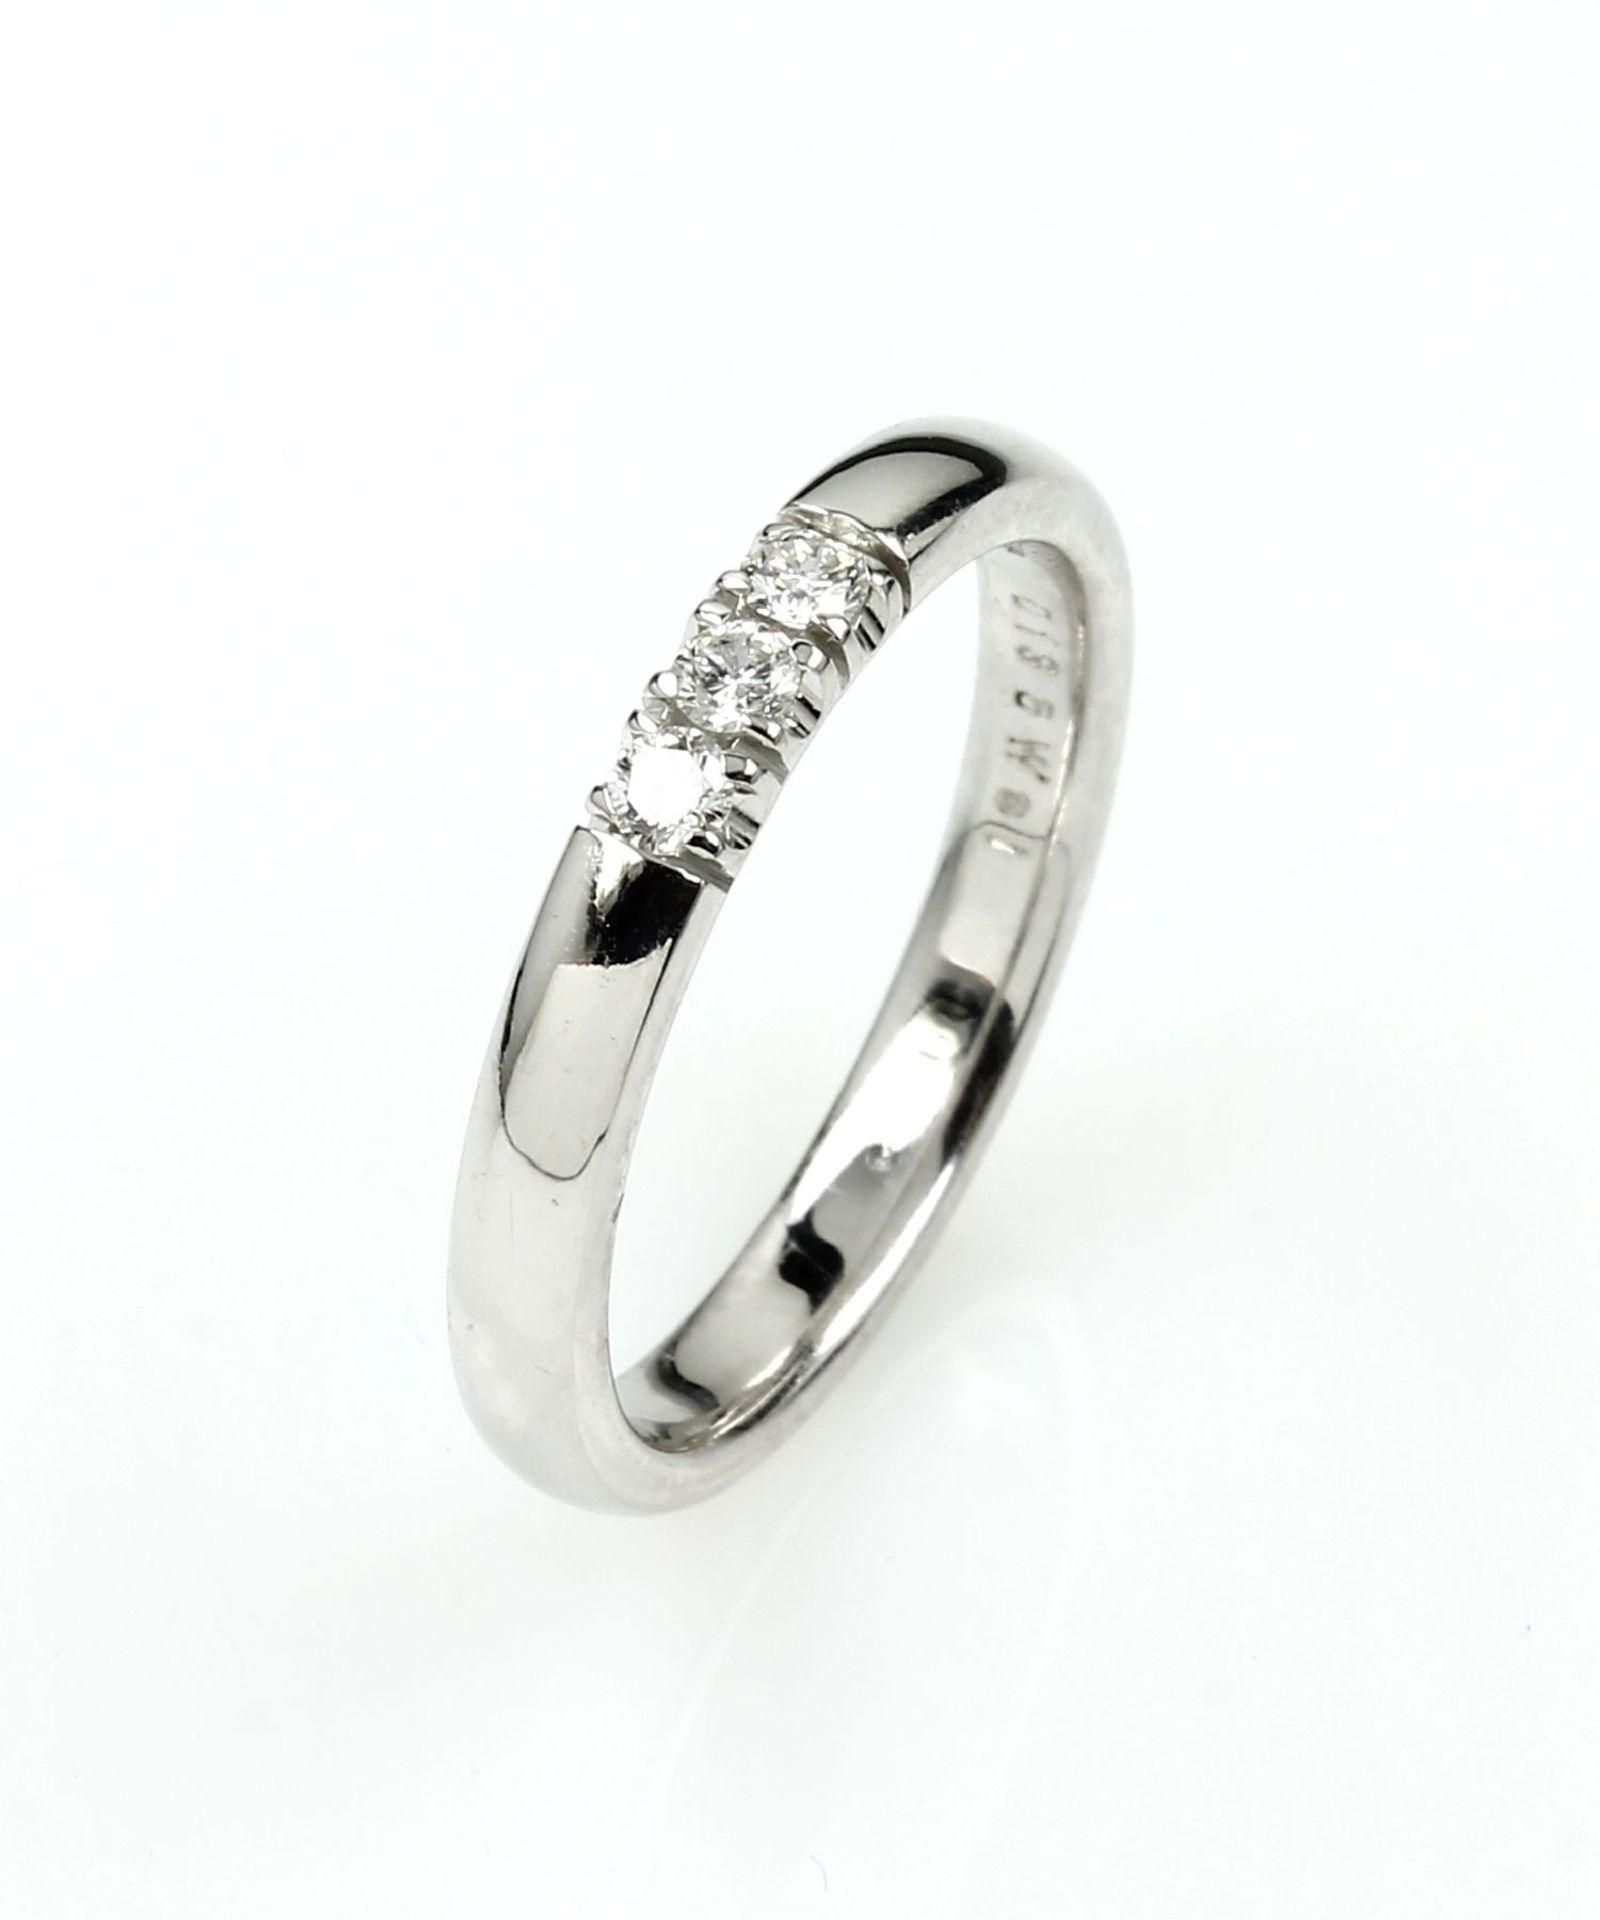 14 kt Gold Ring mit Brillanten, WG 585/000,3 Brillanten zus. ca. 0.13 ct Weiß/si, Meistermarke